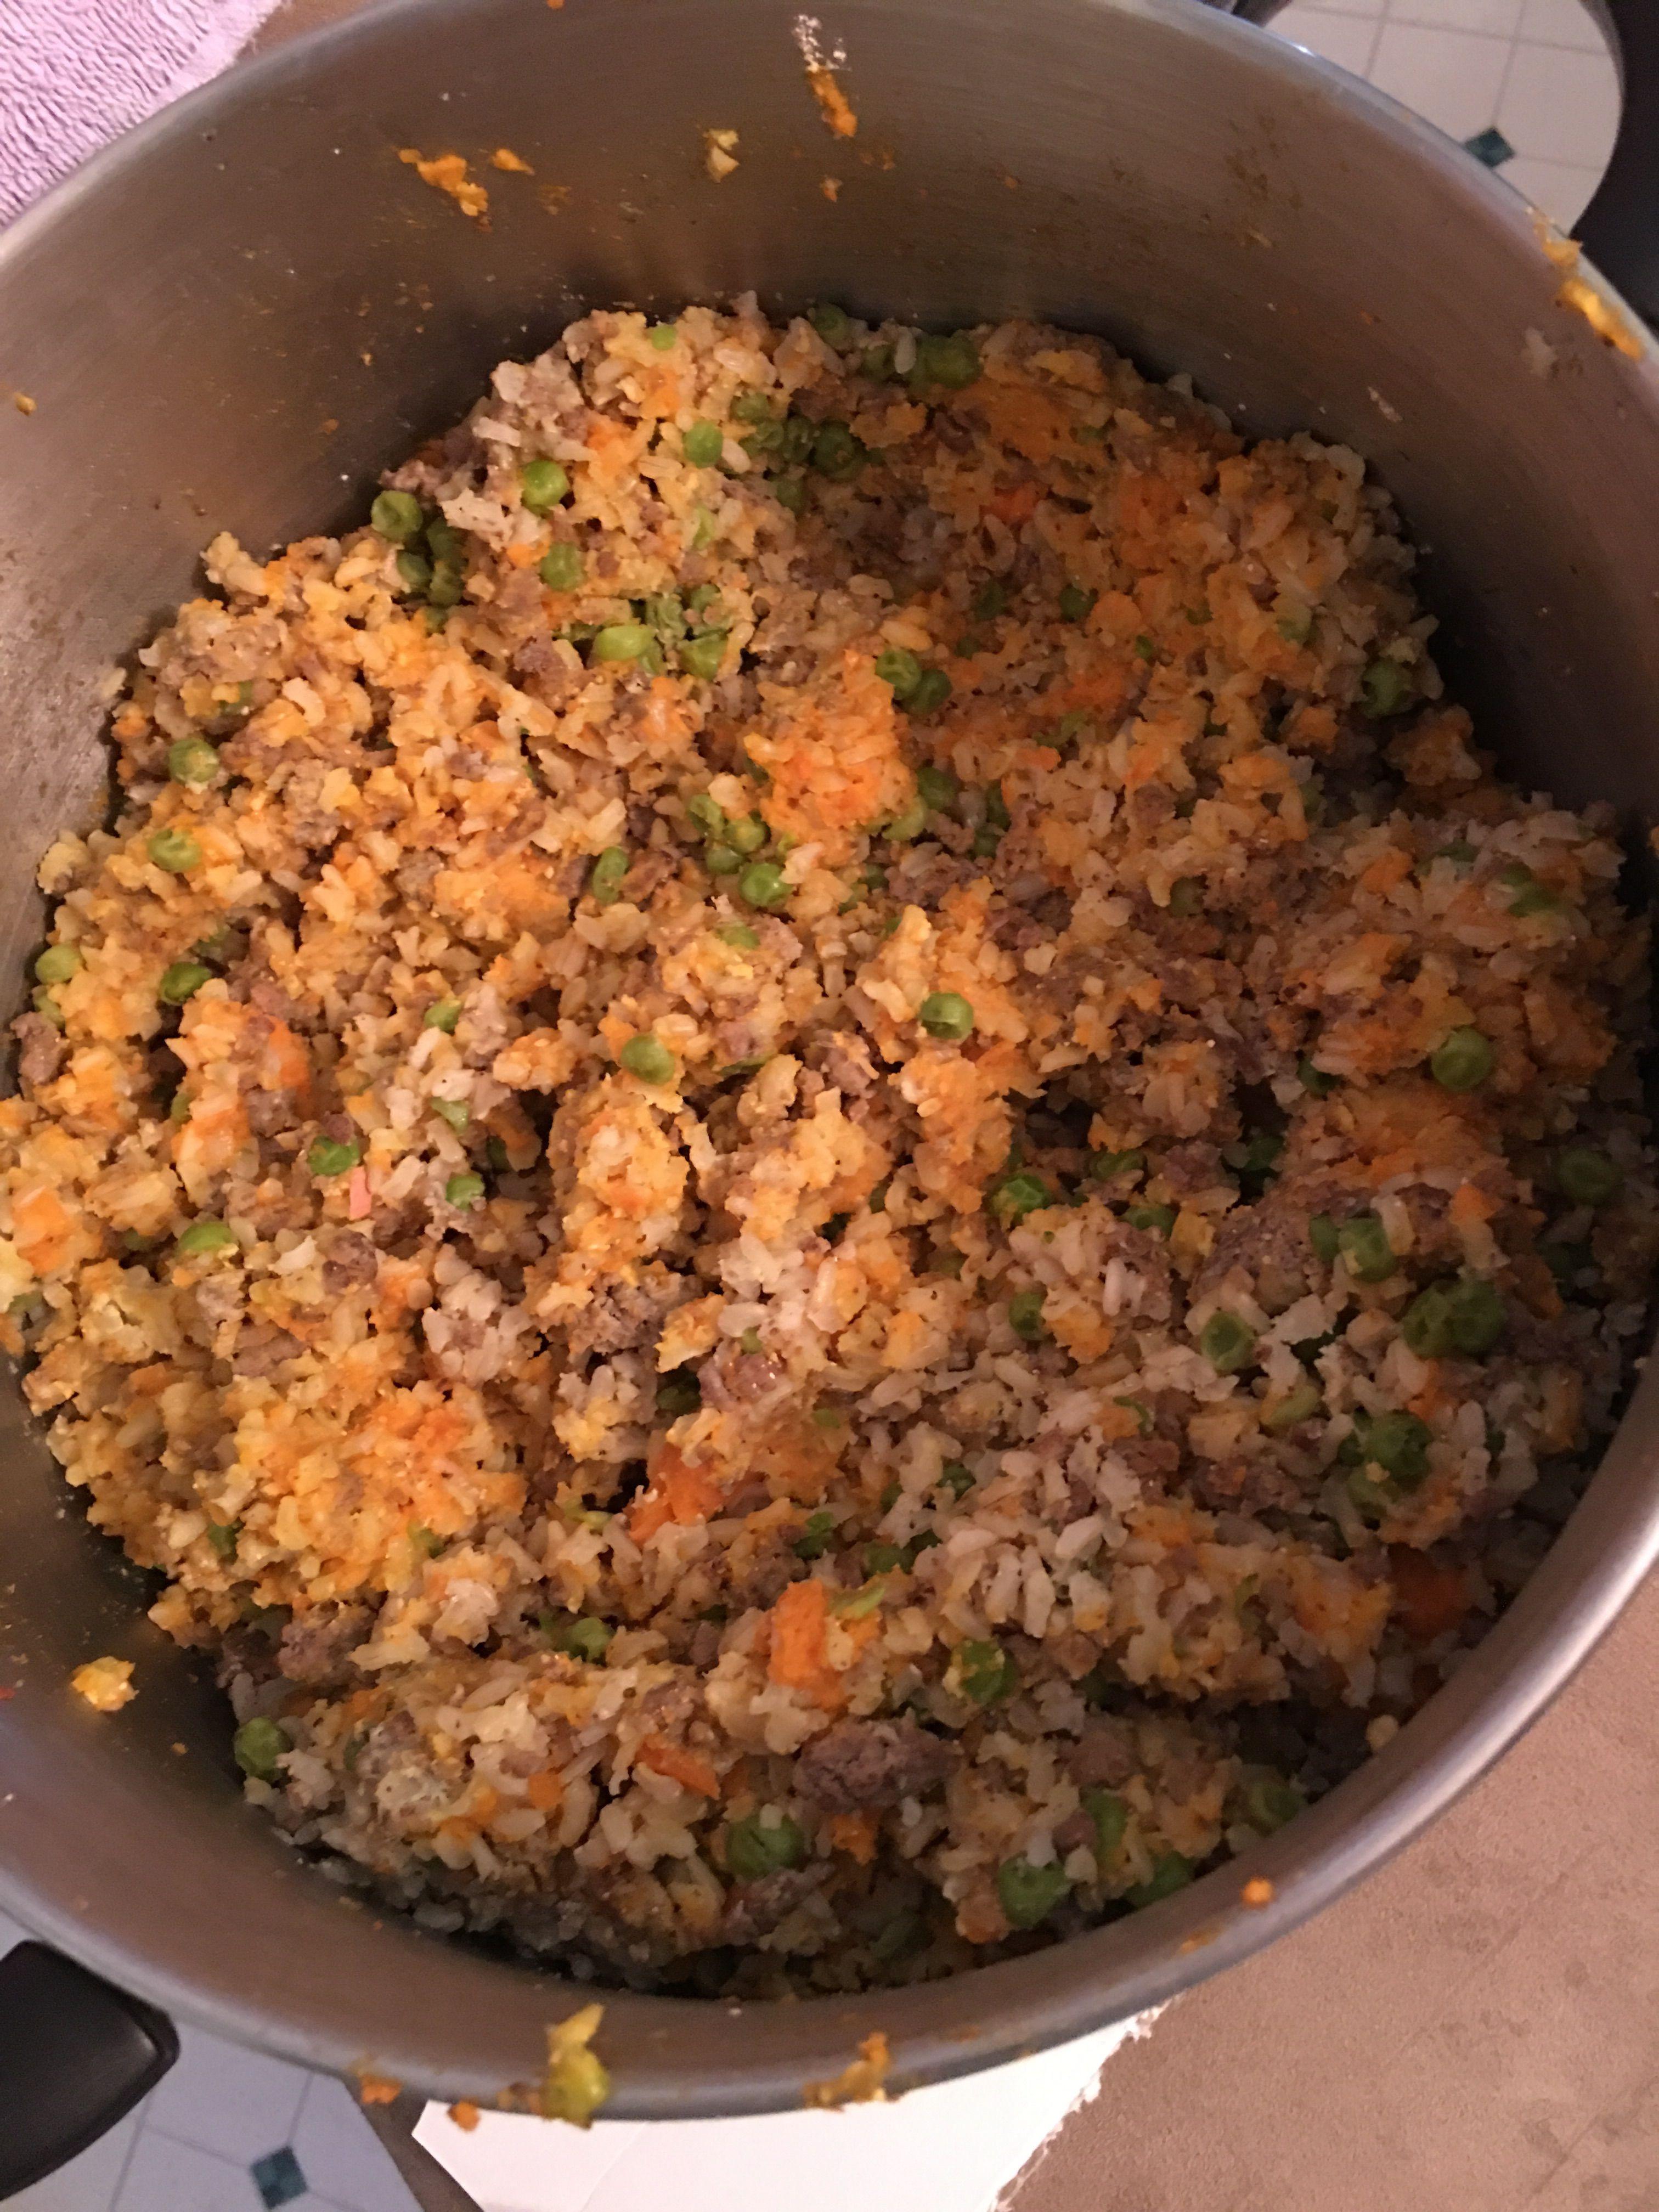 Homemade Dog Food Recipe Homemade Dog Food Dog Food Recipes